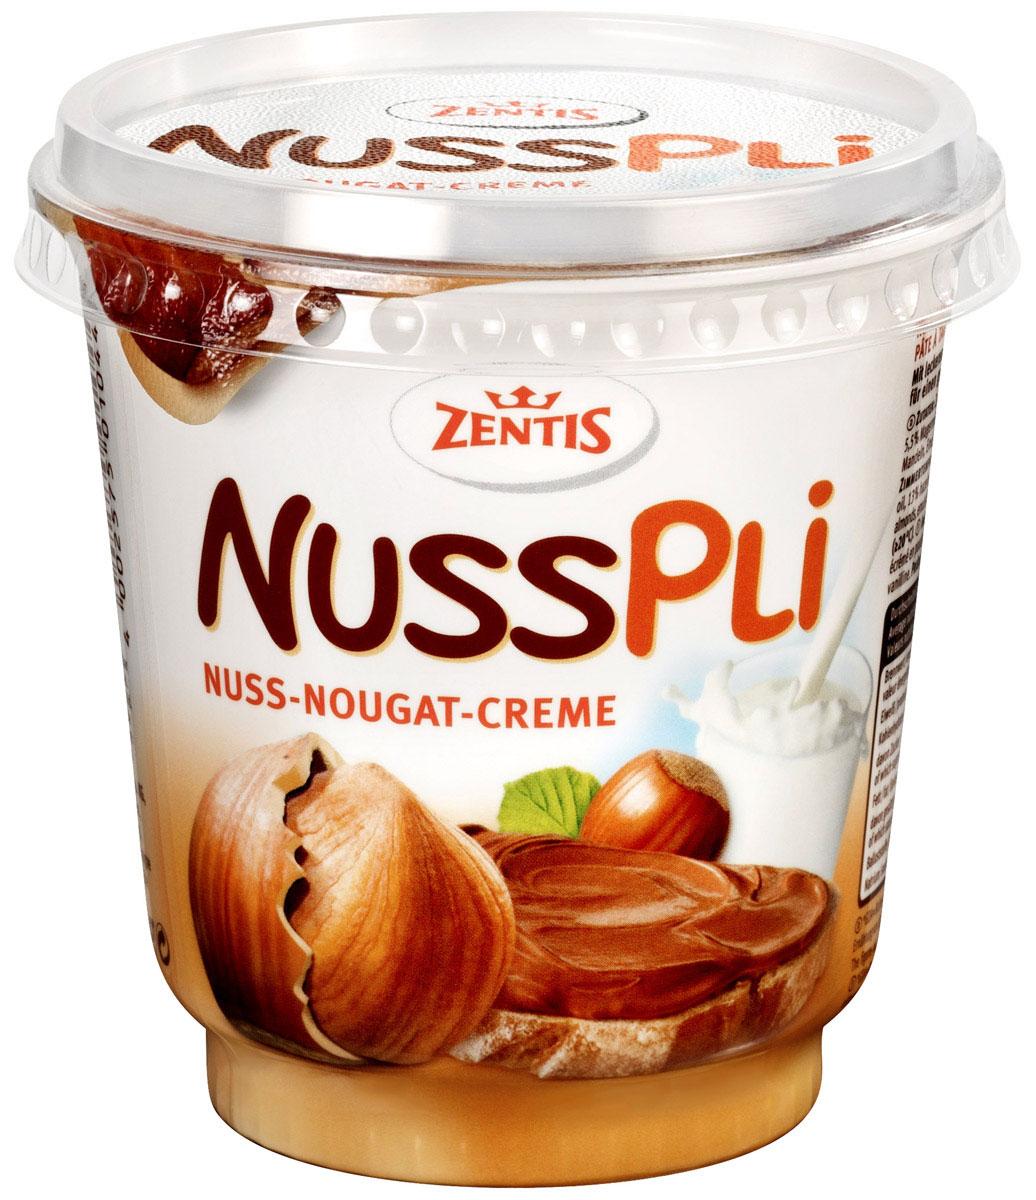 Zentis Nusspli ореховая паста с добавлением какао, 400 гЦп 364099Zentis Nusspli - вкуснейшая шоколадная паста с лесным орехом и добавлением какао. Намажьте ее на свежий хлеб или при приготовлении сдобы и выпечки. Паста придаст любому блюду яркий ореховый вкус.